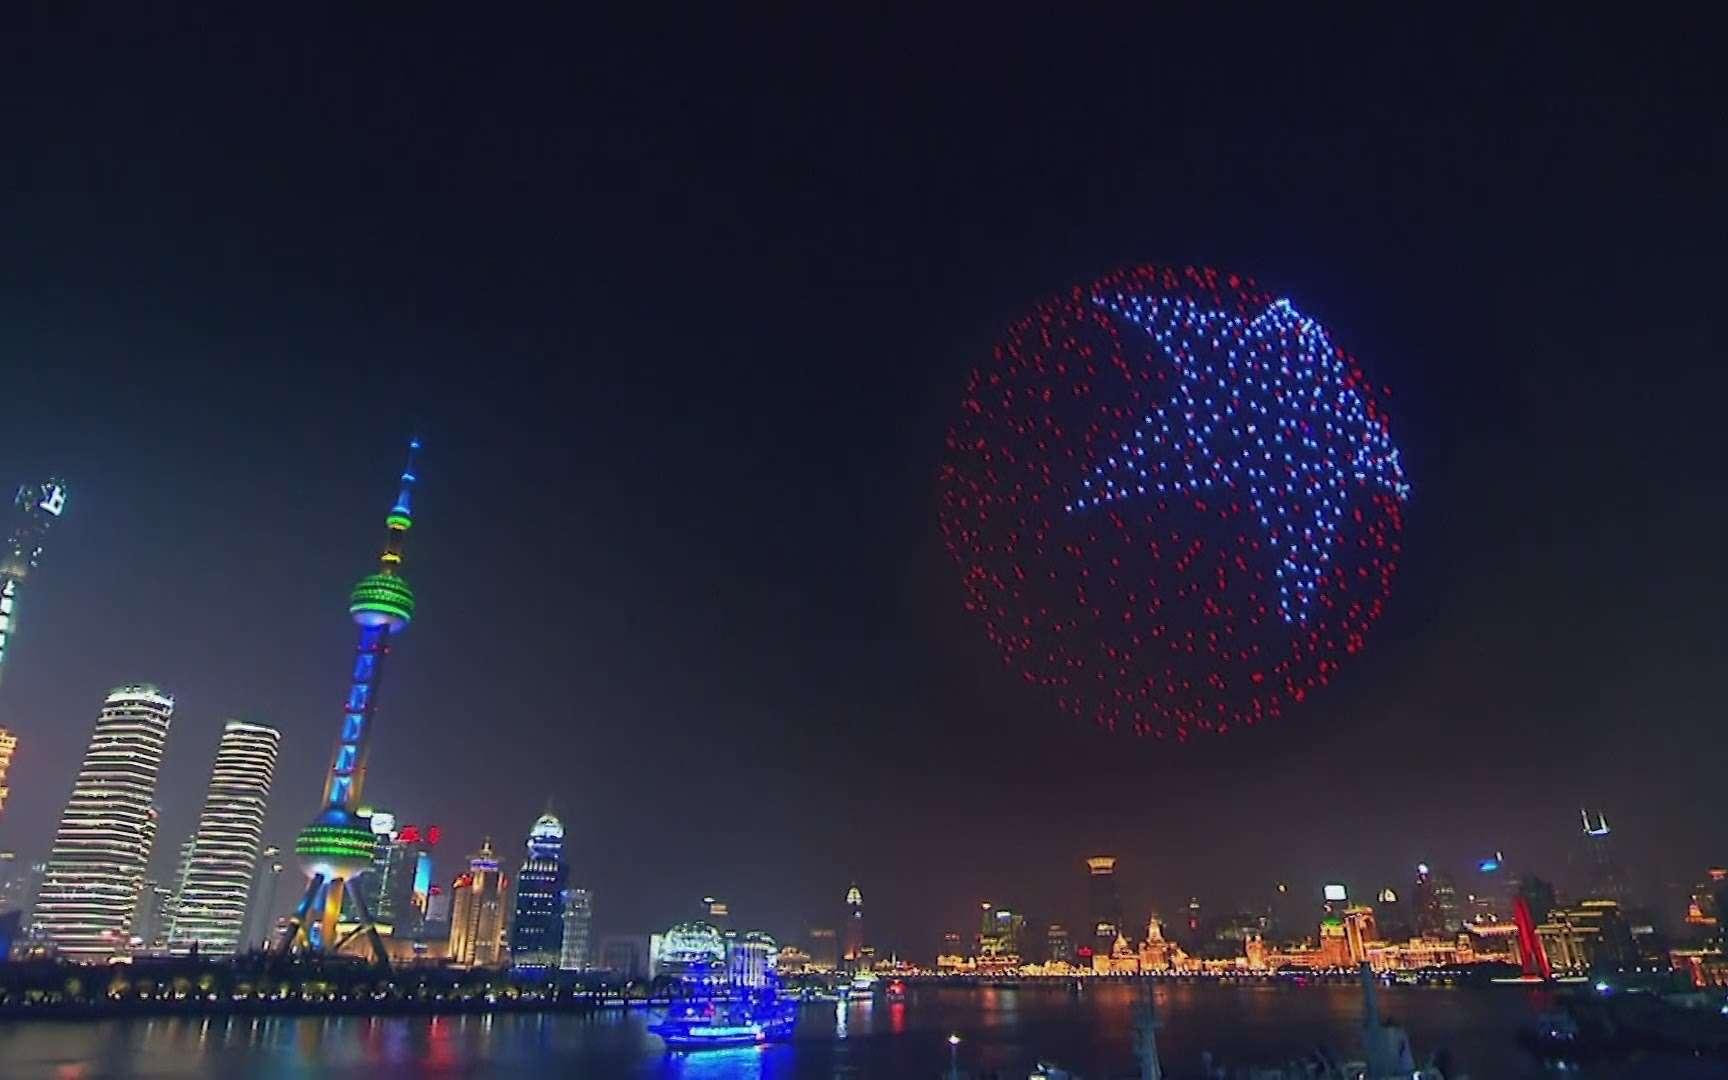 Drôle de tech : les drones illuminent le Nouvel An, une Lamborghini sortie d'une imprimante 3D et un cambrioleur aspirateur